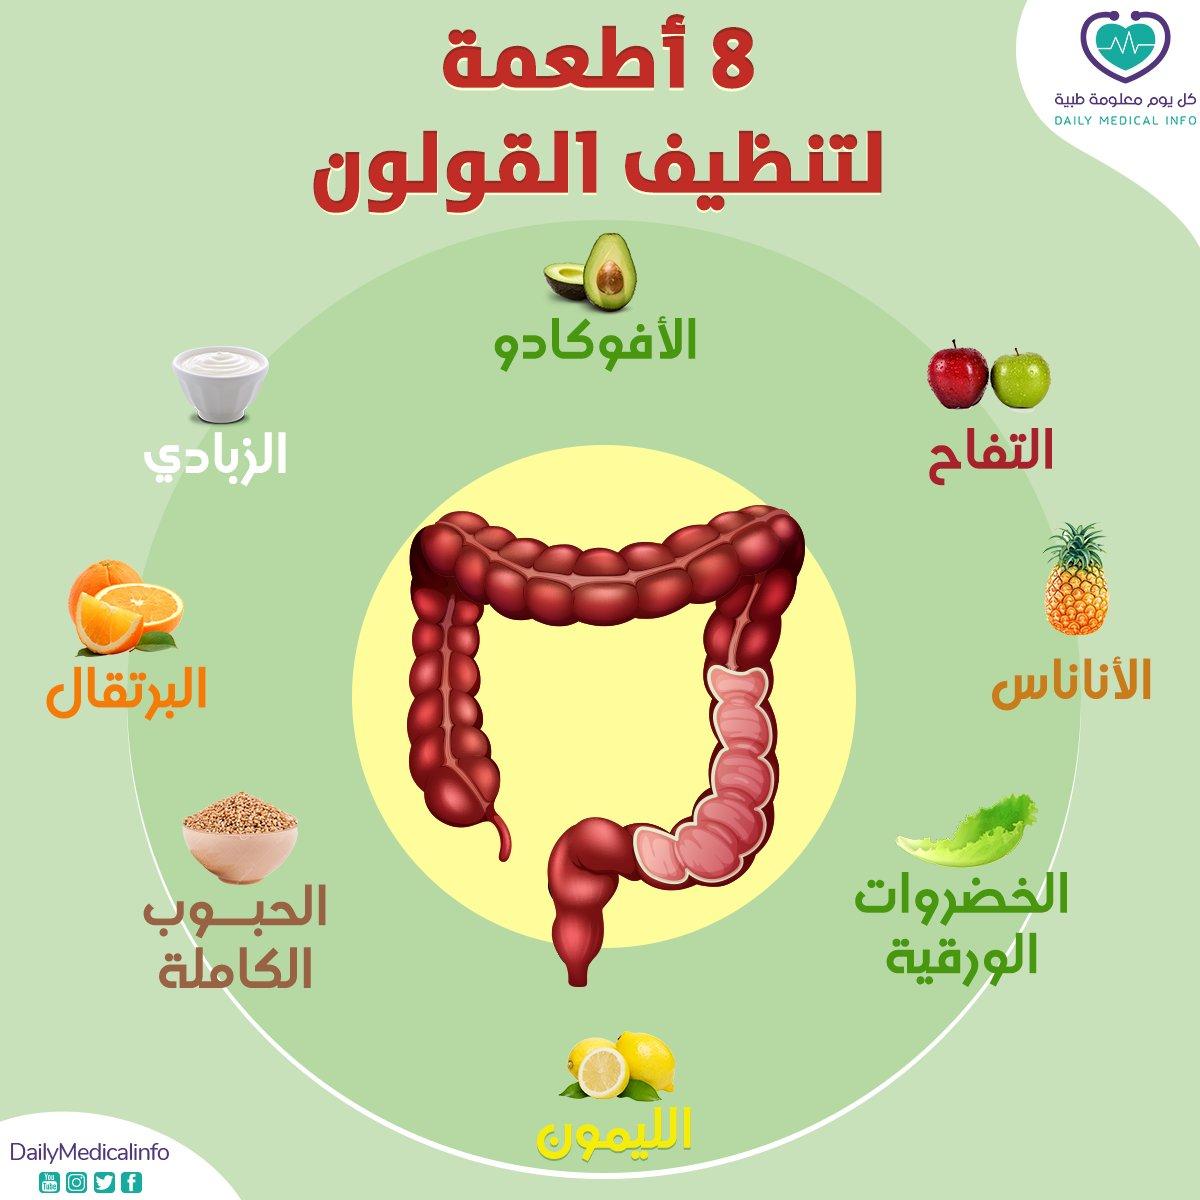 8 أطعمة لتنظيف القولون